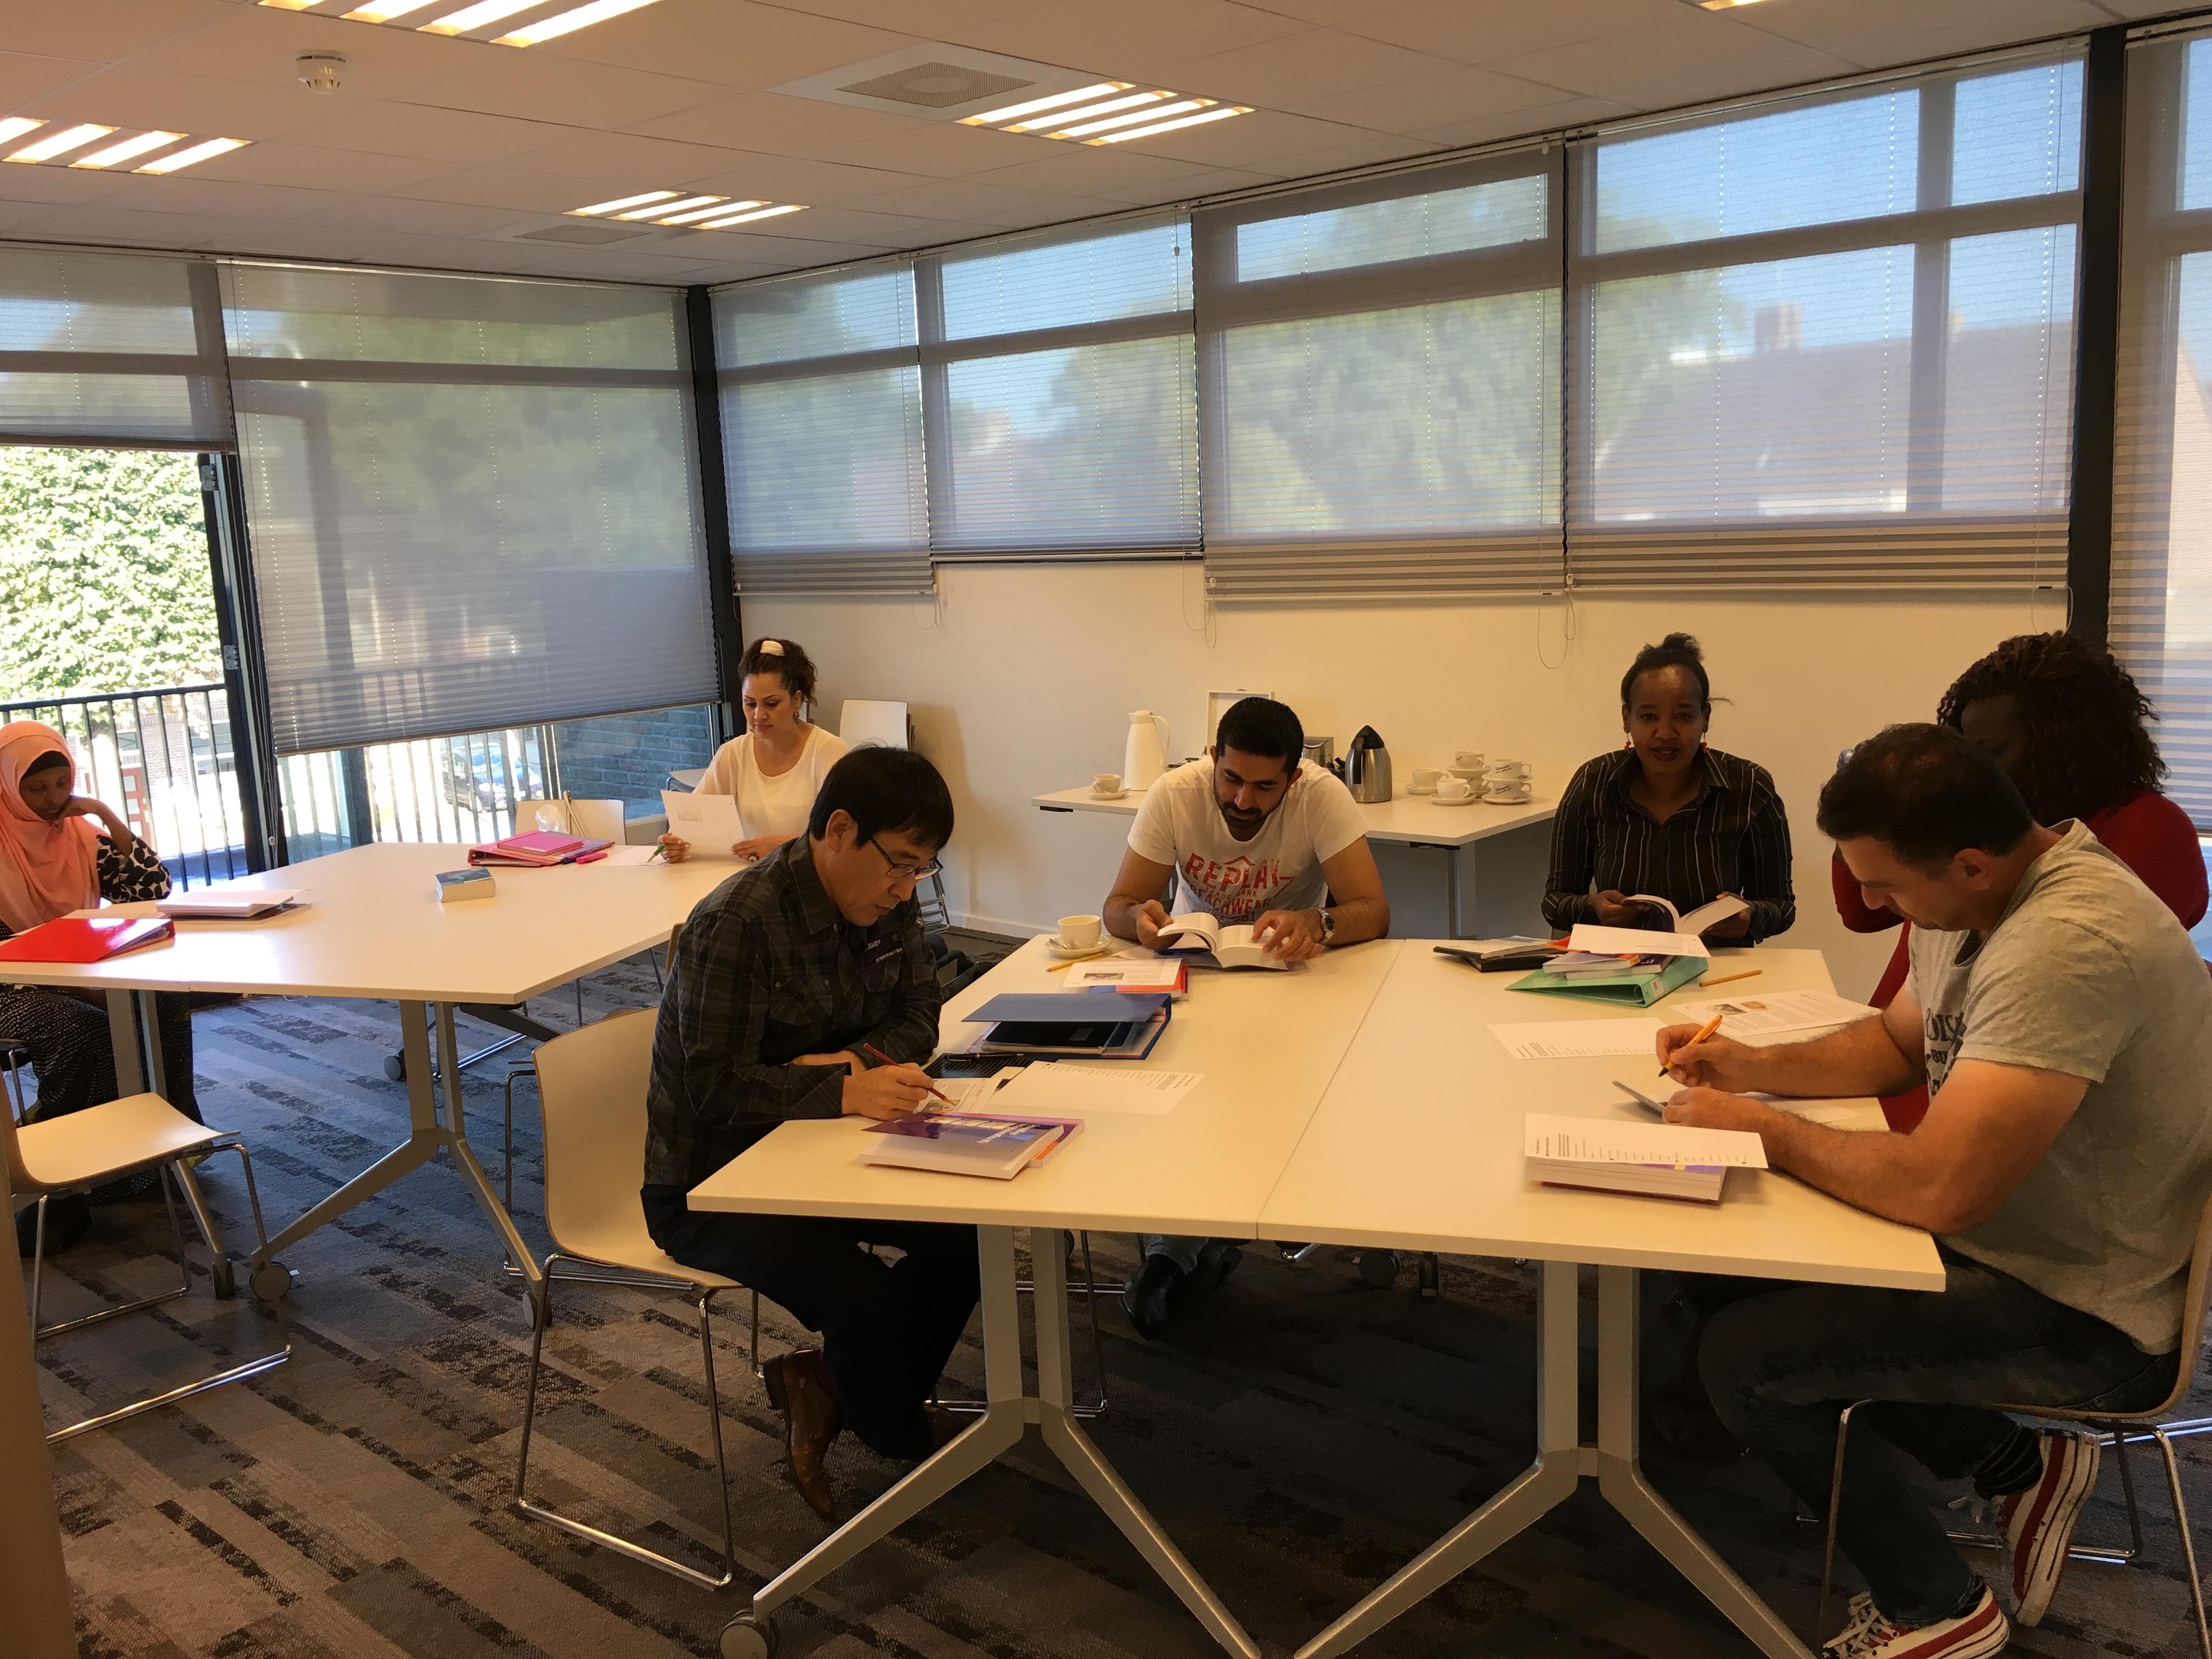 Leslokaal grote groep